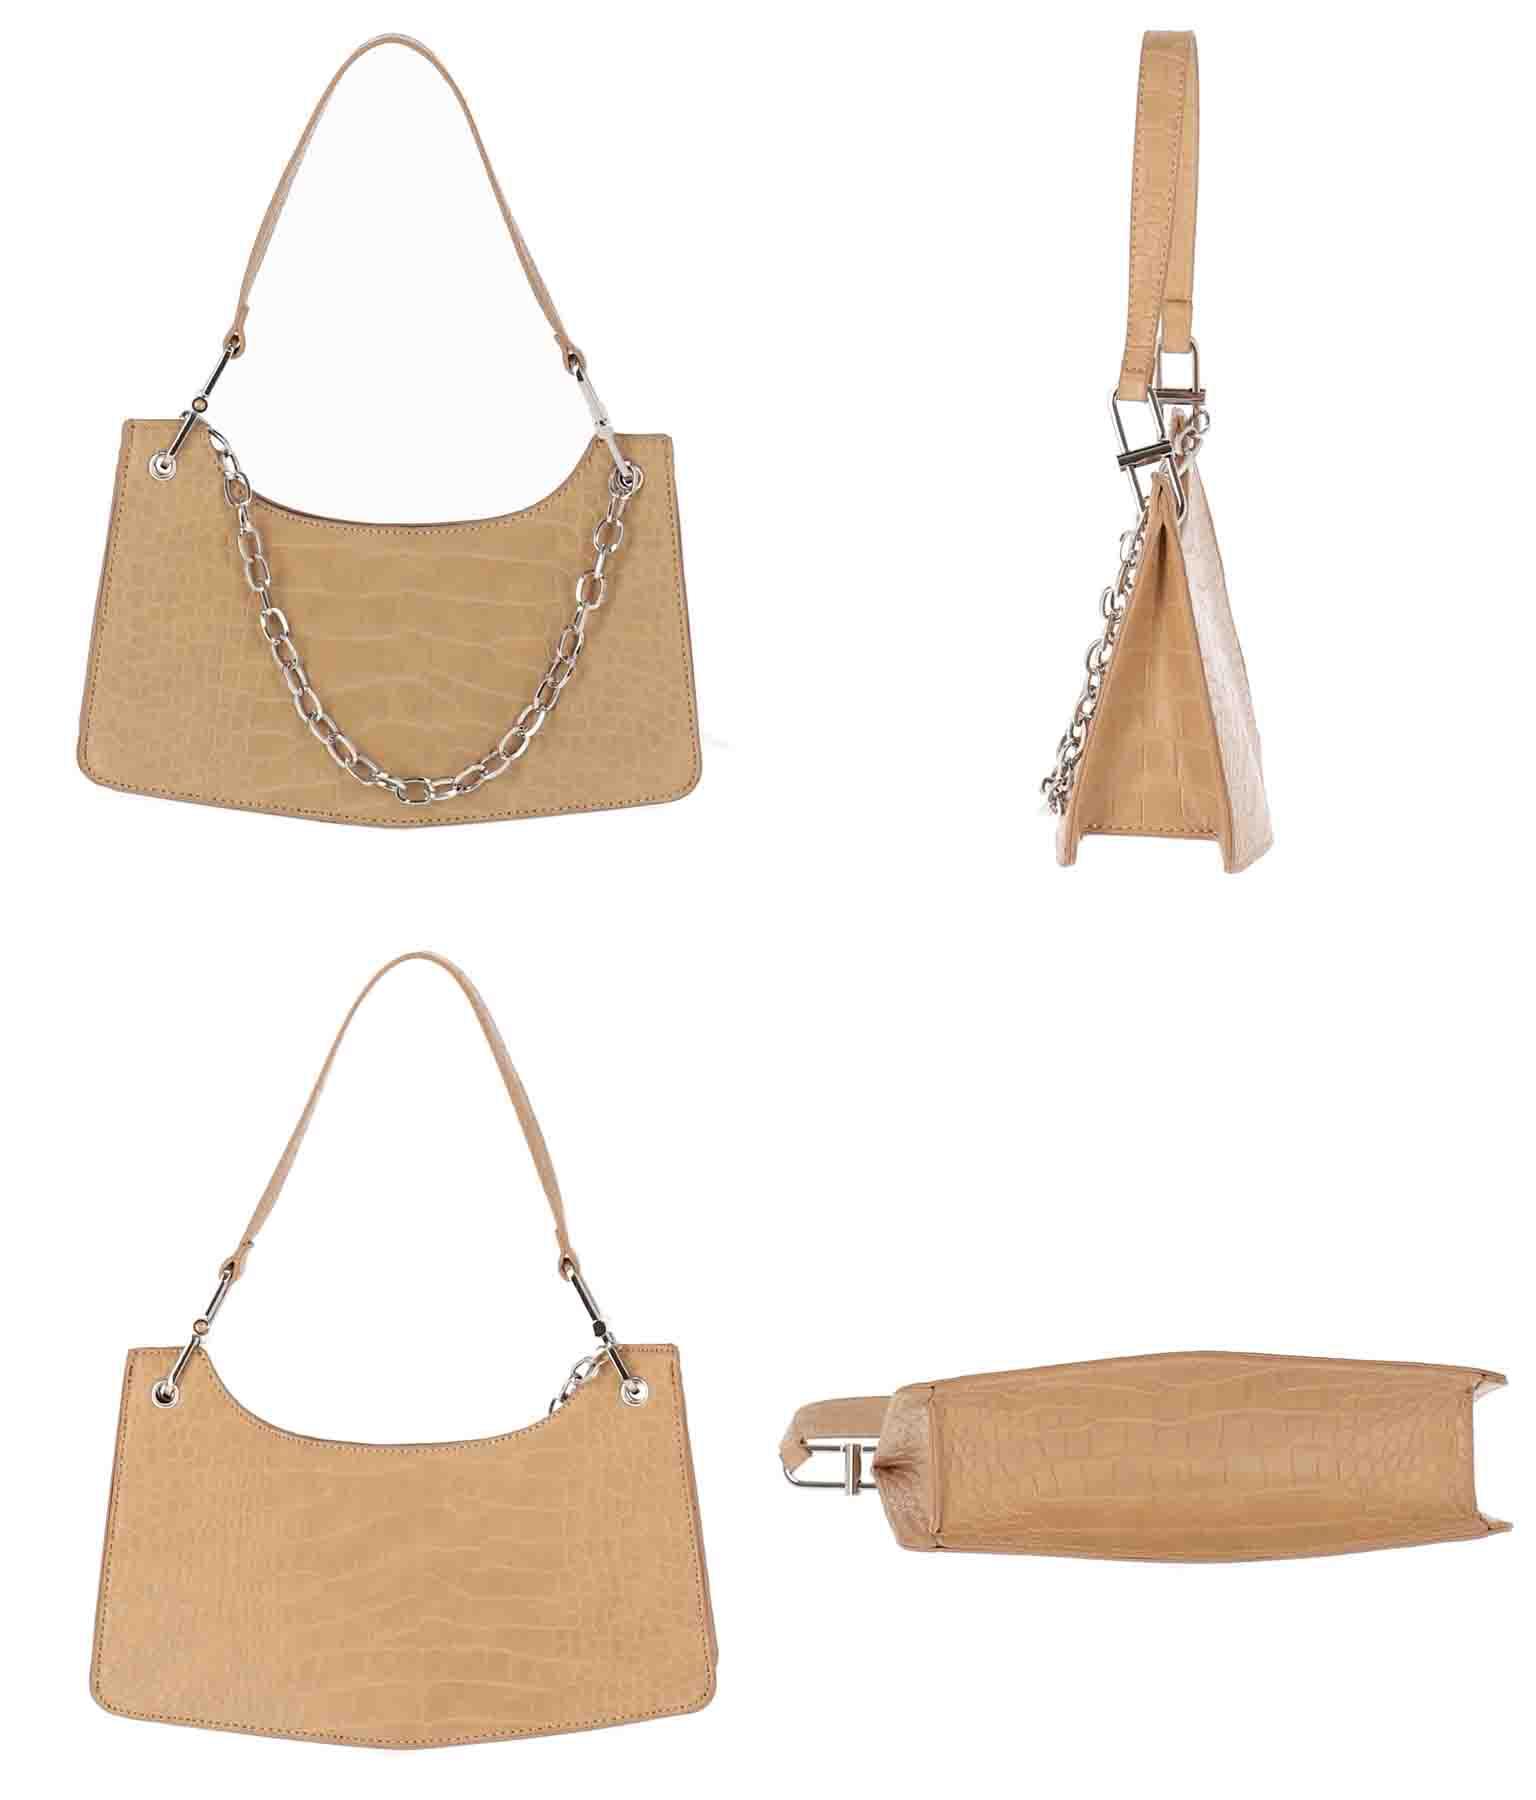 クロコダイルチェーンデザインバッグ(バッグ・鞄・小物/ハンドバッグ) | Alluge